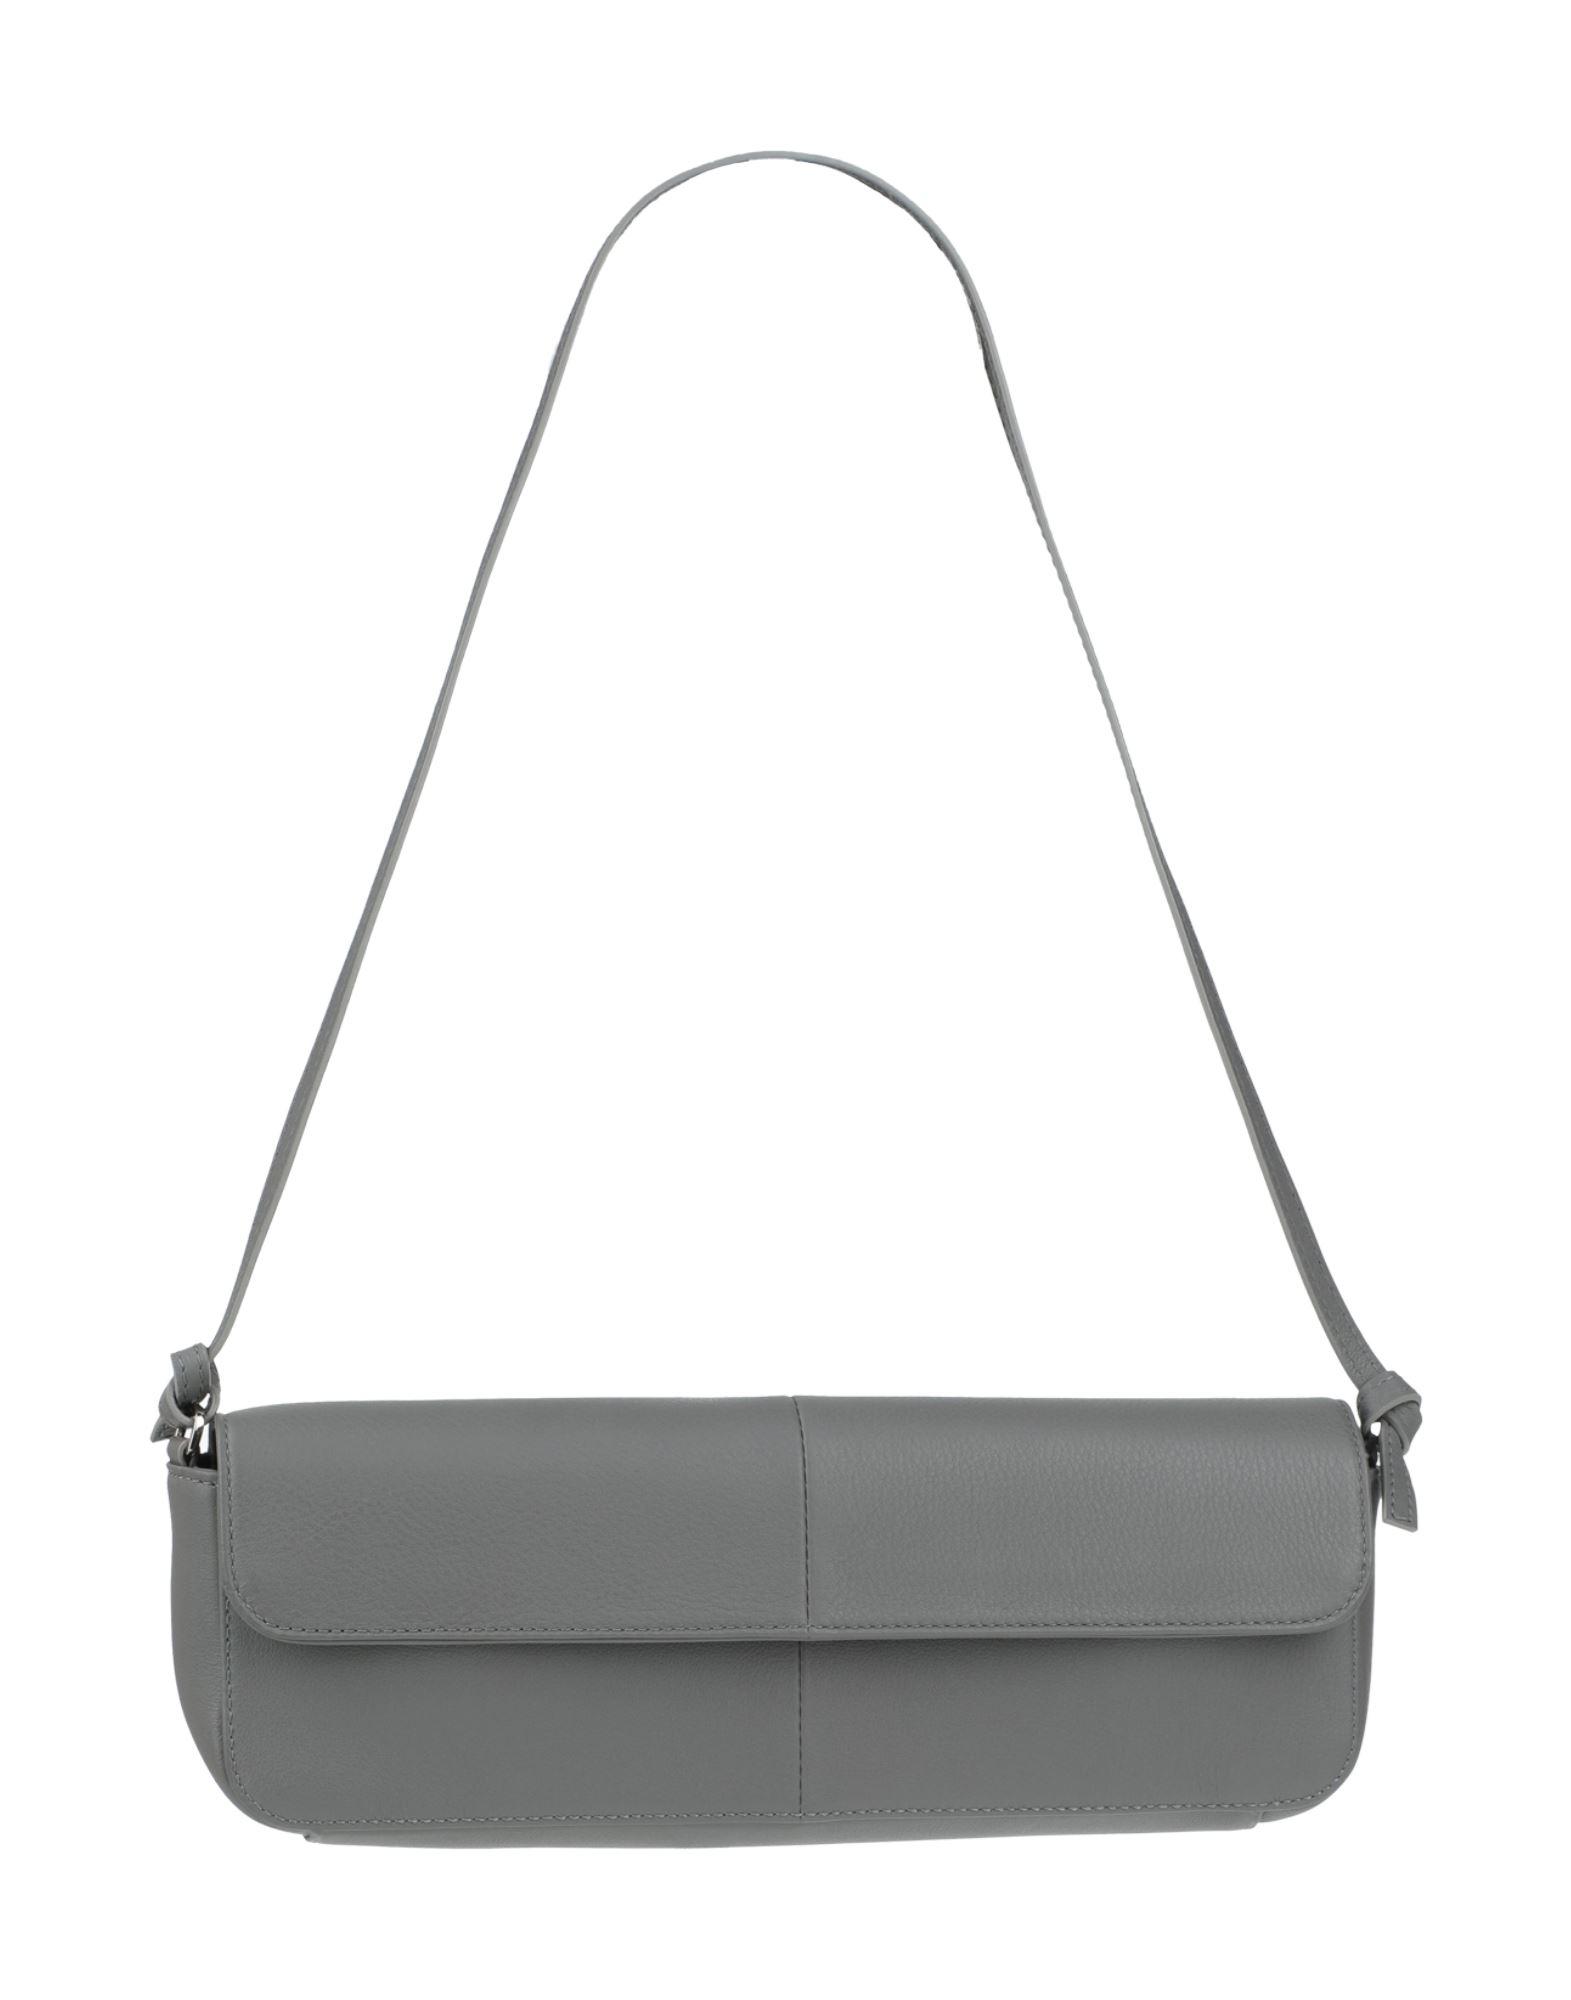 Abra Handbags In Gray